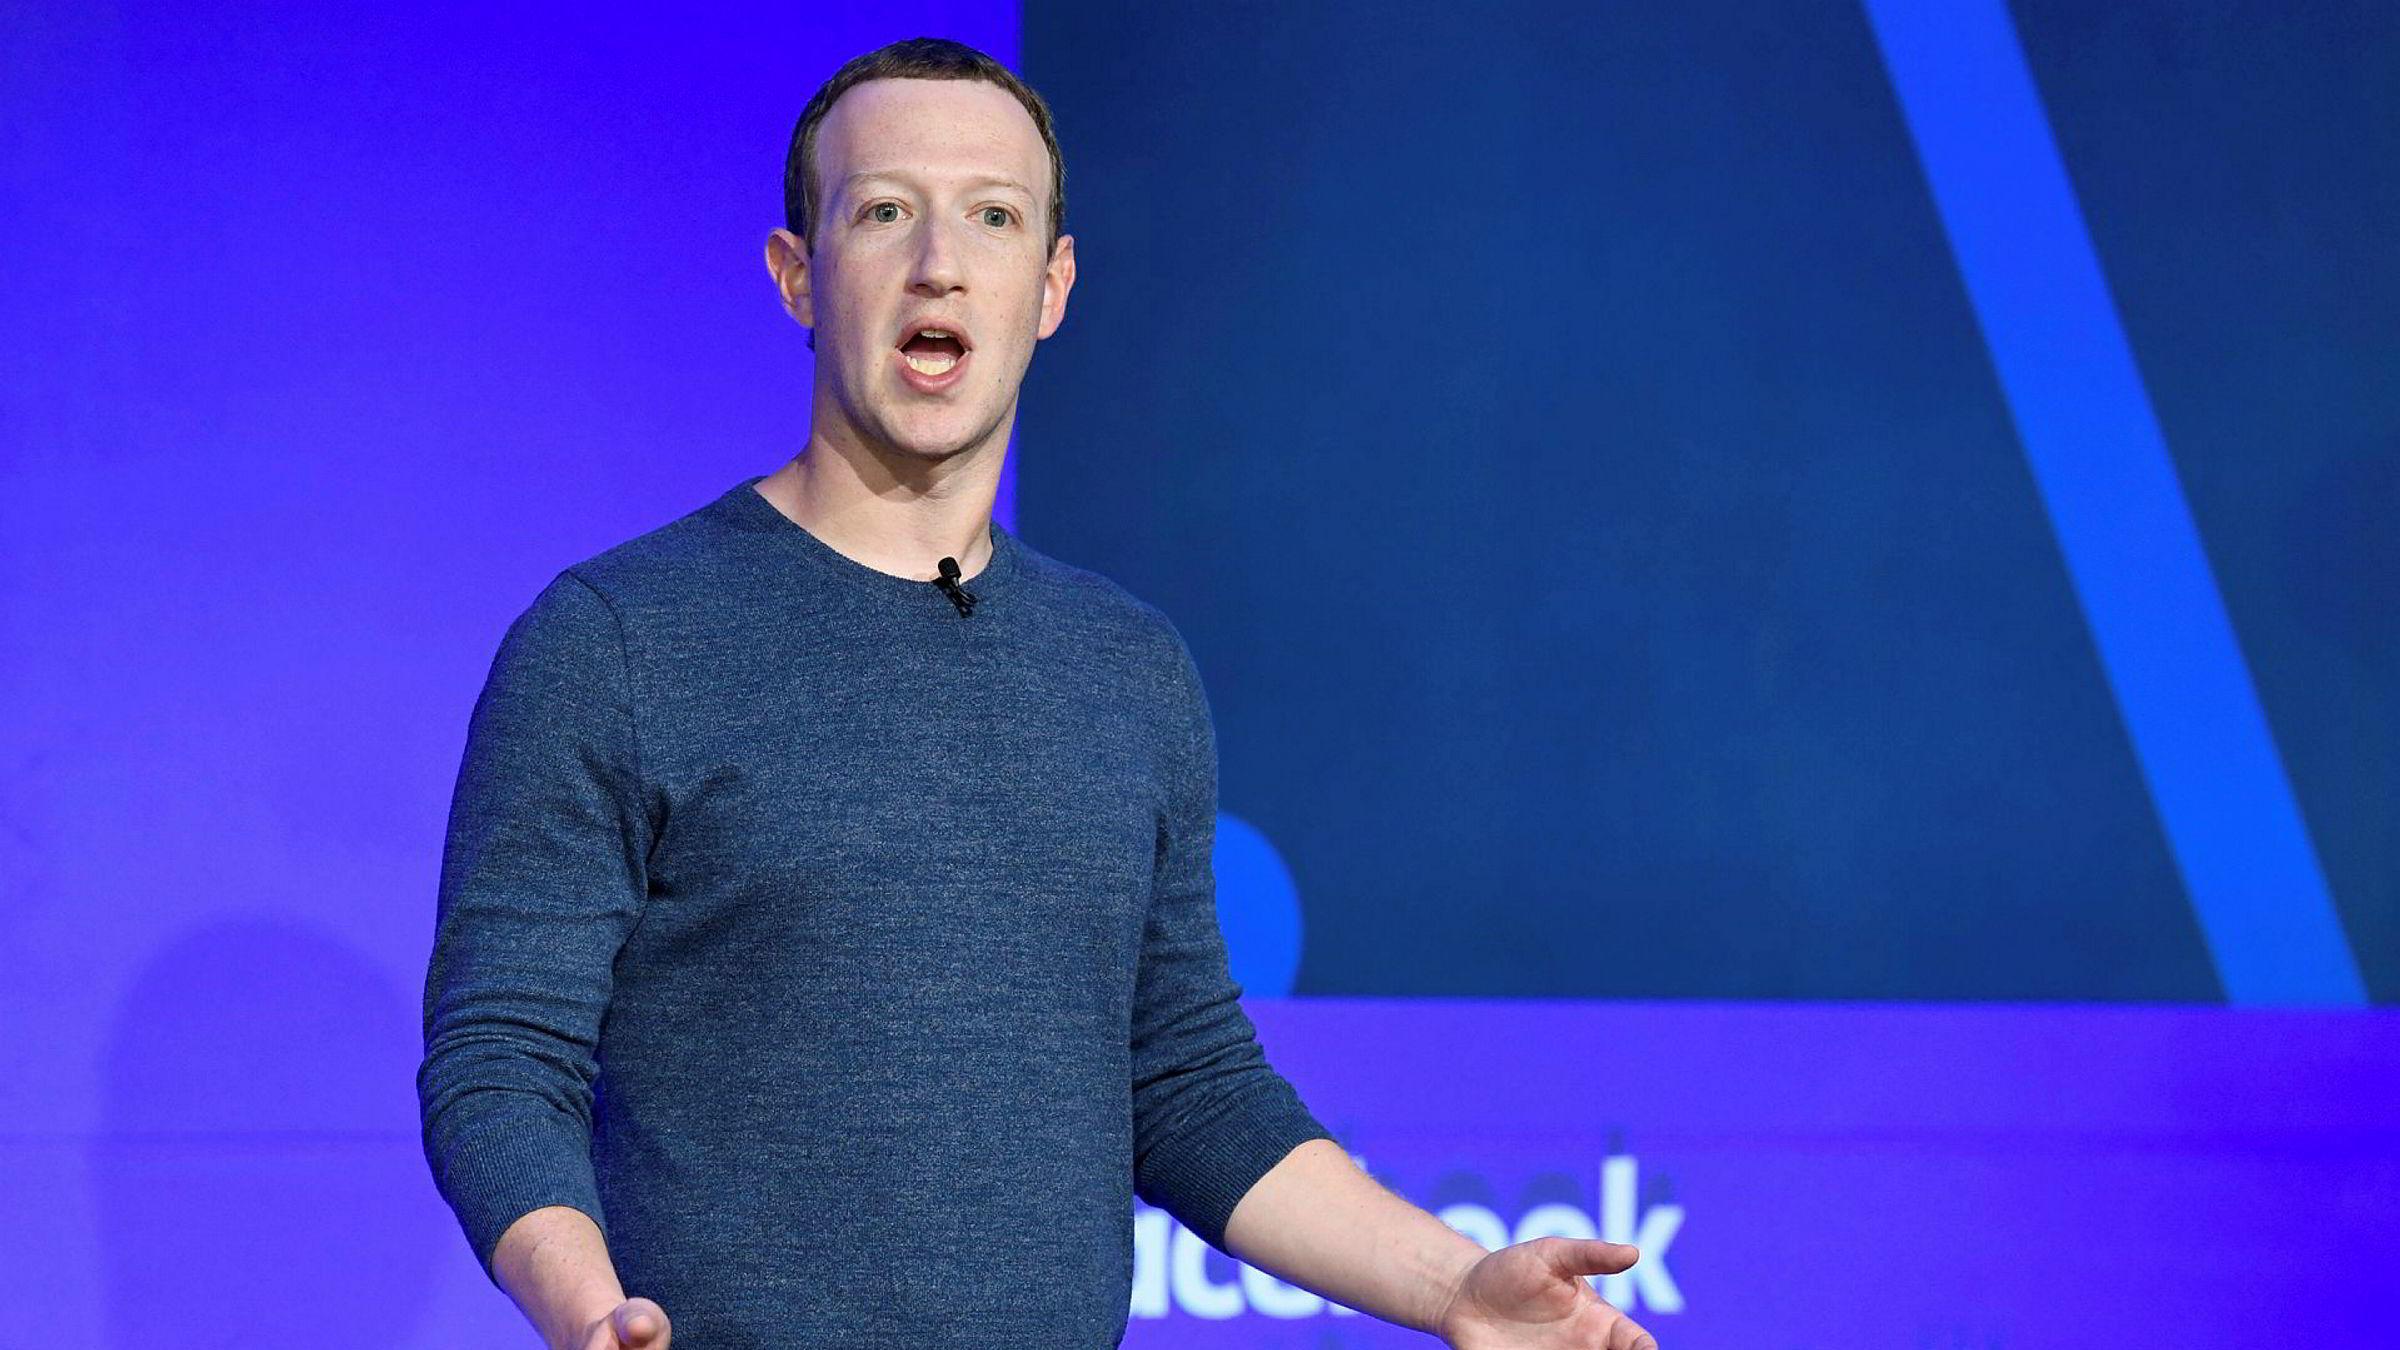 Libra fikk en meget kjølig mottagelse da Mark Zuckerberg lanserte den digitale valutaen i juni.